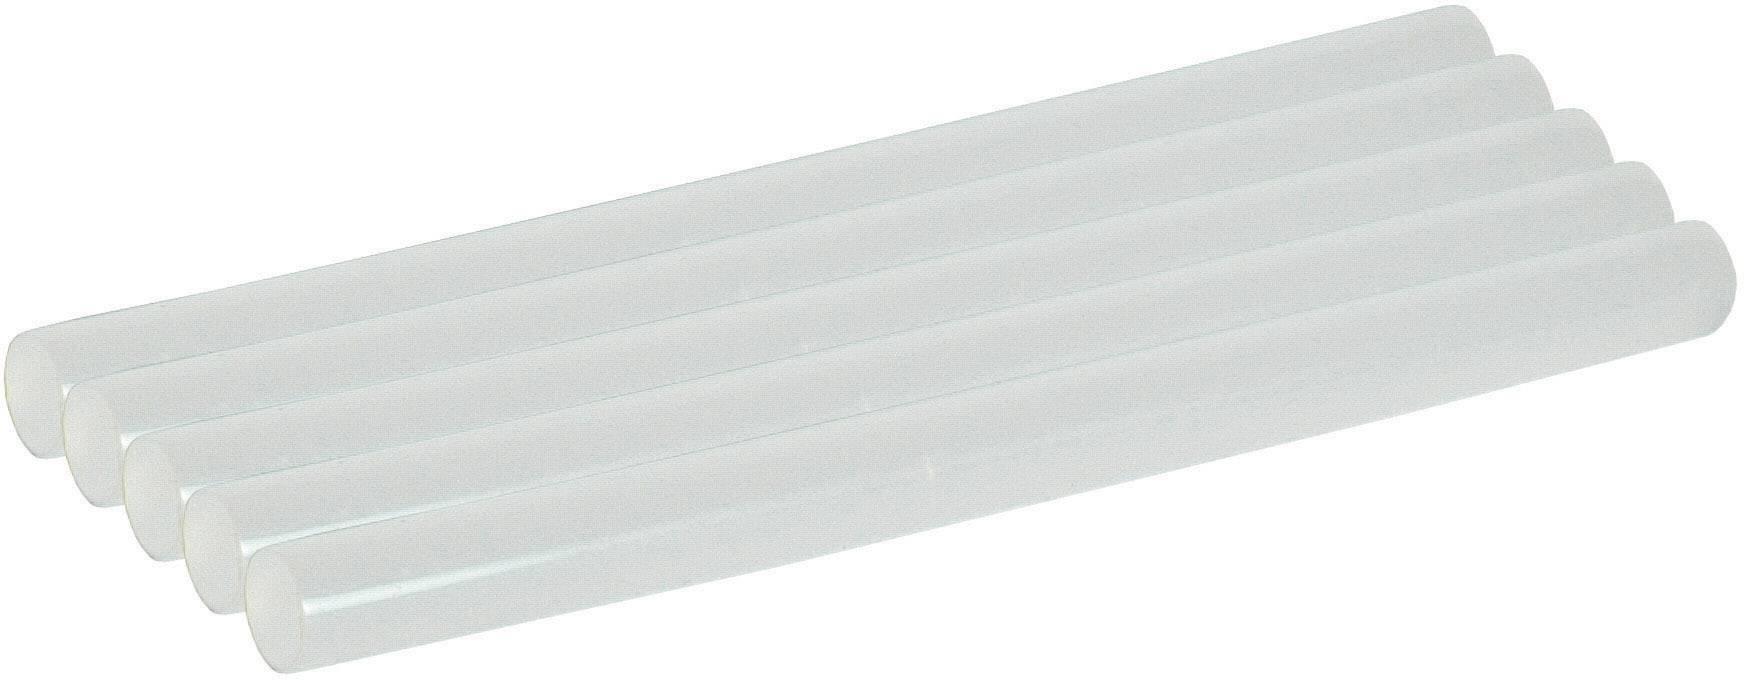 Lepiace tavné tyčinky Ø Star Tec 7 mm 100 mm transparentná biela ST 10642 5 ks, 22 g